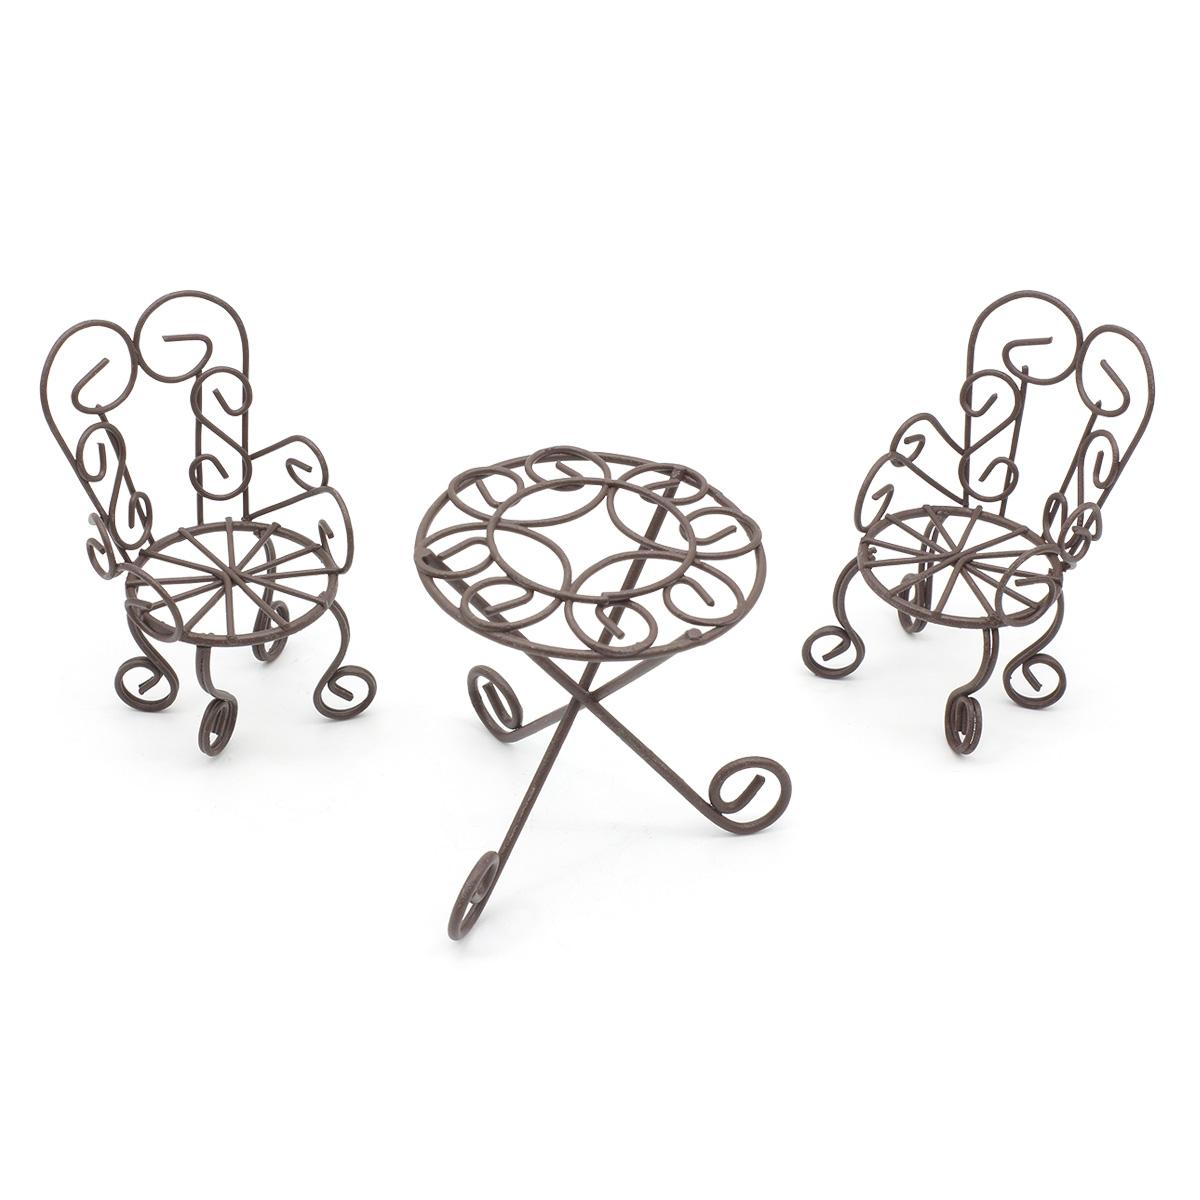 KB4243 Набор метал. стол 6*7см с 2-мя стульями 3*4*7,5см, корич. Астра (3шт/упак)